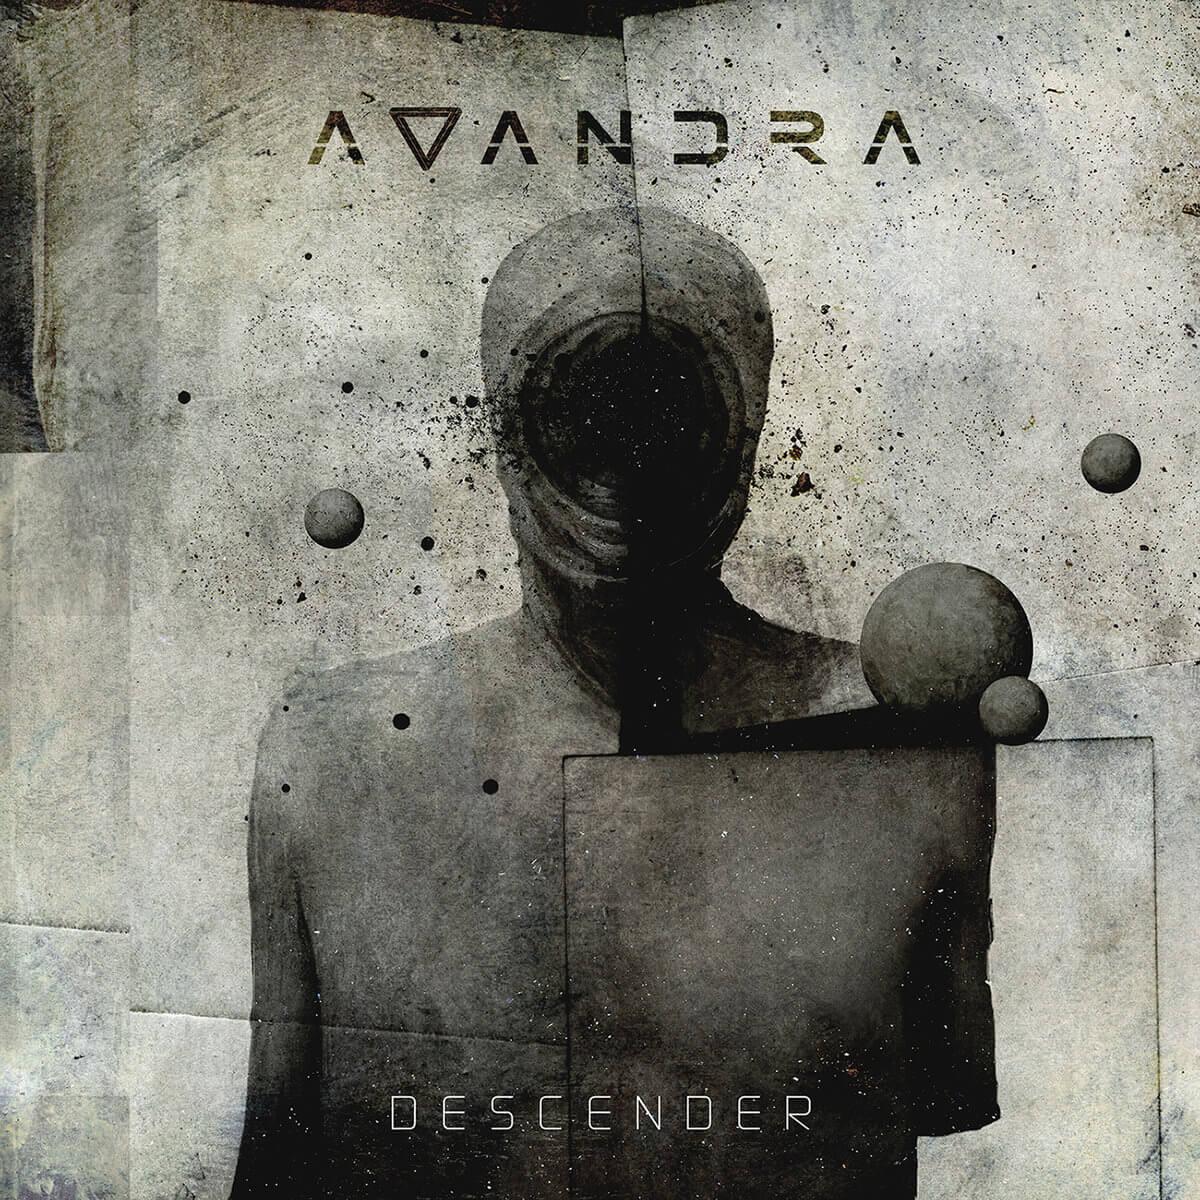 Avandra – Descender